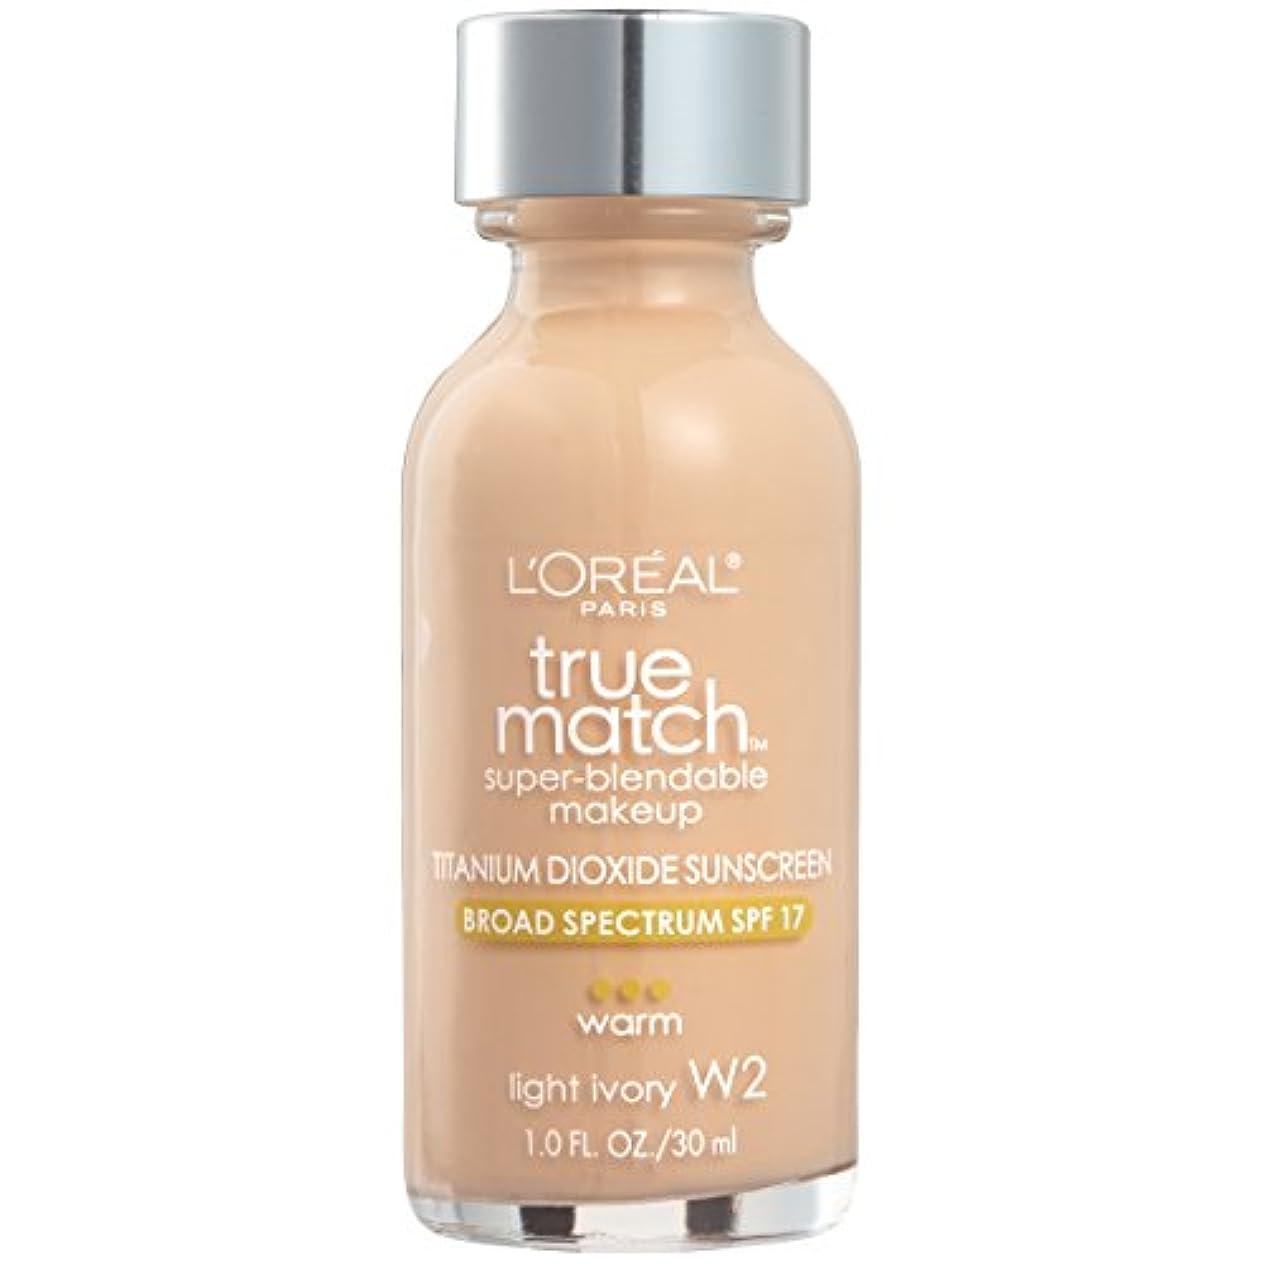 L'Oréal True Match Super-Blendable Foundation Makeup (LIGHT IVORY)